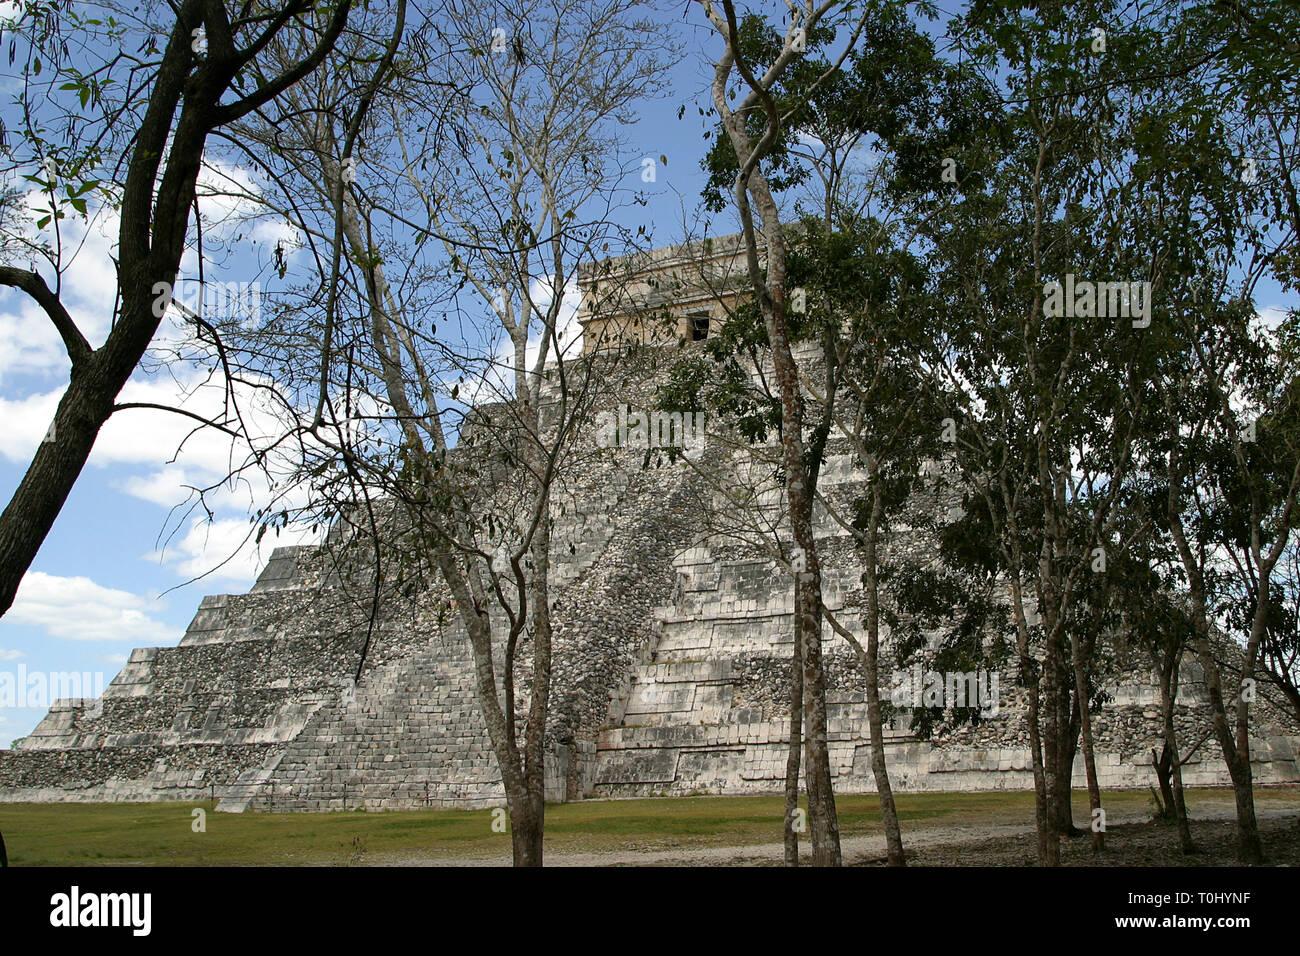 Templo de Kukulcan.  Zona arqueologica de Chichen Itza Zona arqueológica    Chichén ItzáChichén Itzá maya: (Chichén) Boca del pozo;   de los (Itzá) brujos de agua.   Es uno de los principales sitios arqueológicos de la   península de Yucatán, en México, ubicado en el municipio de Tinum.  *Photo:*©Francisco* Morales/DAMMPHOTO.COM/NORTEPHOTO    * No * sale * a * third * - Stock Image